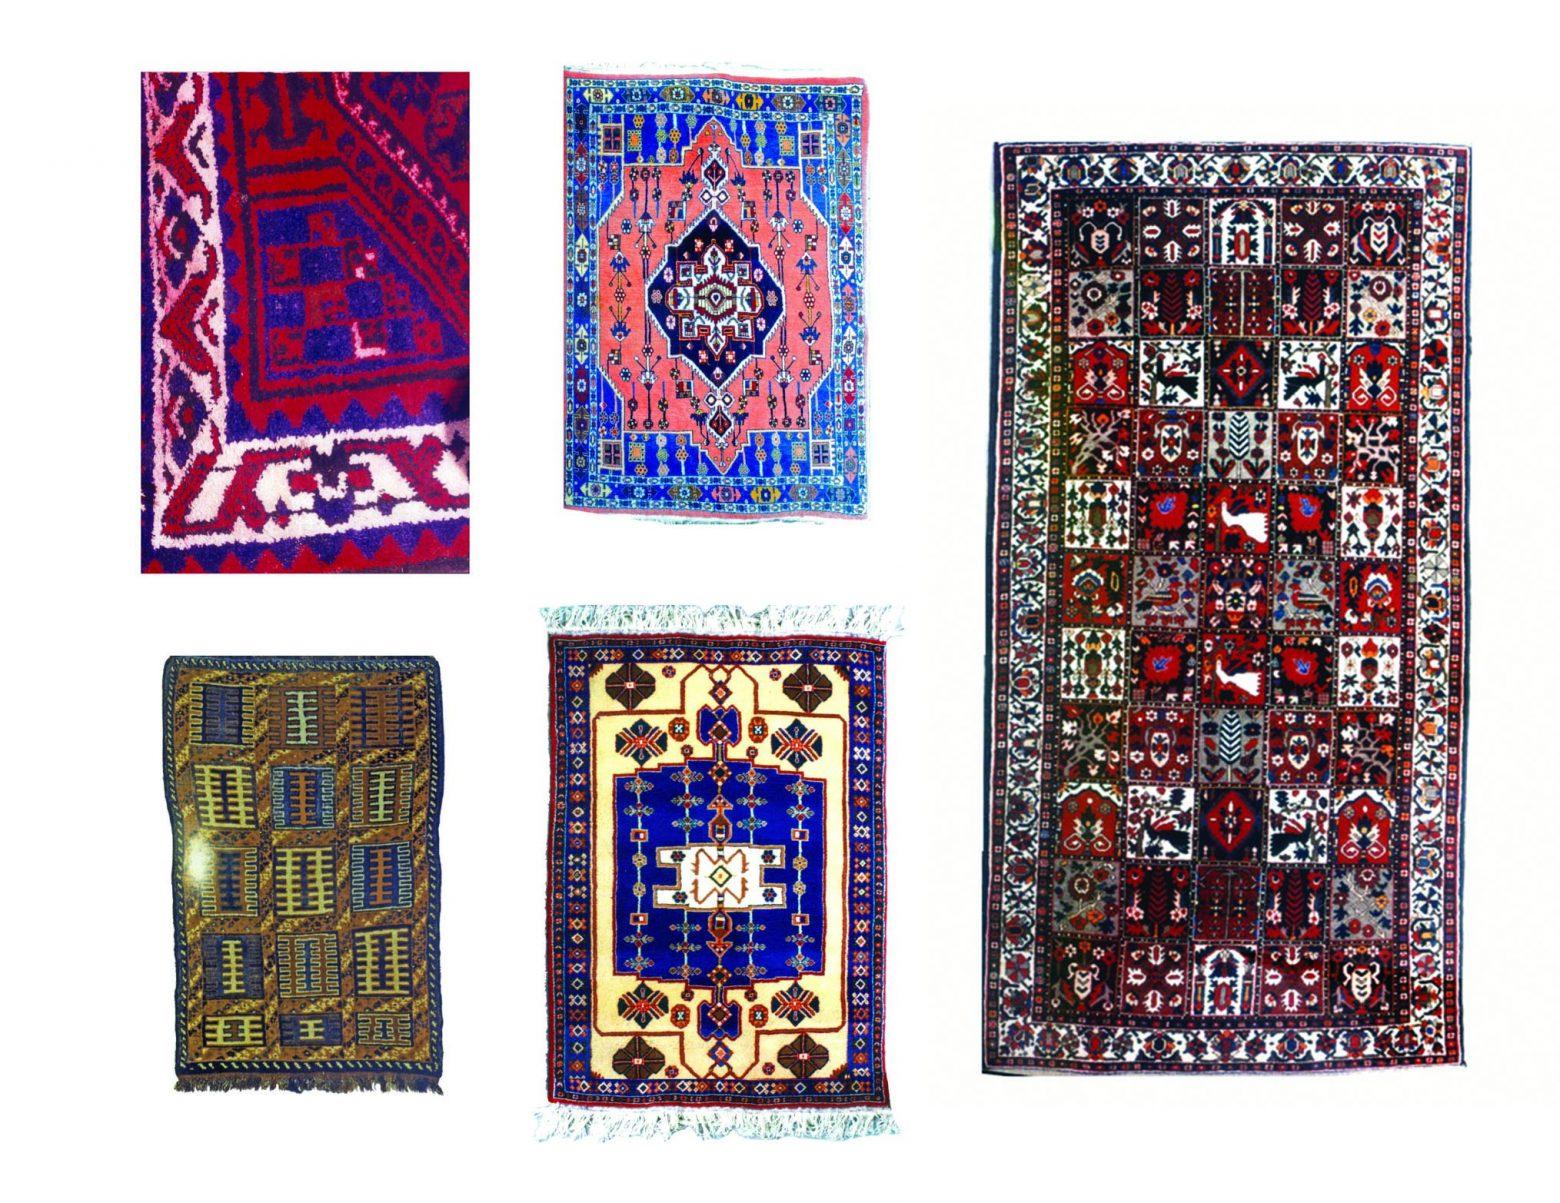 گبه 3 1560x1203 - دستبافت روستایی ایلیاتی هنرمعاصر نائیف طرح های ذهنی استیلیزه